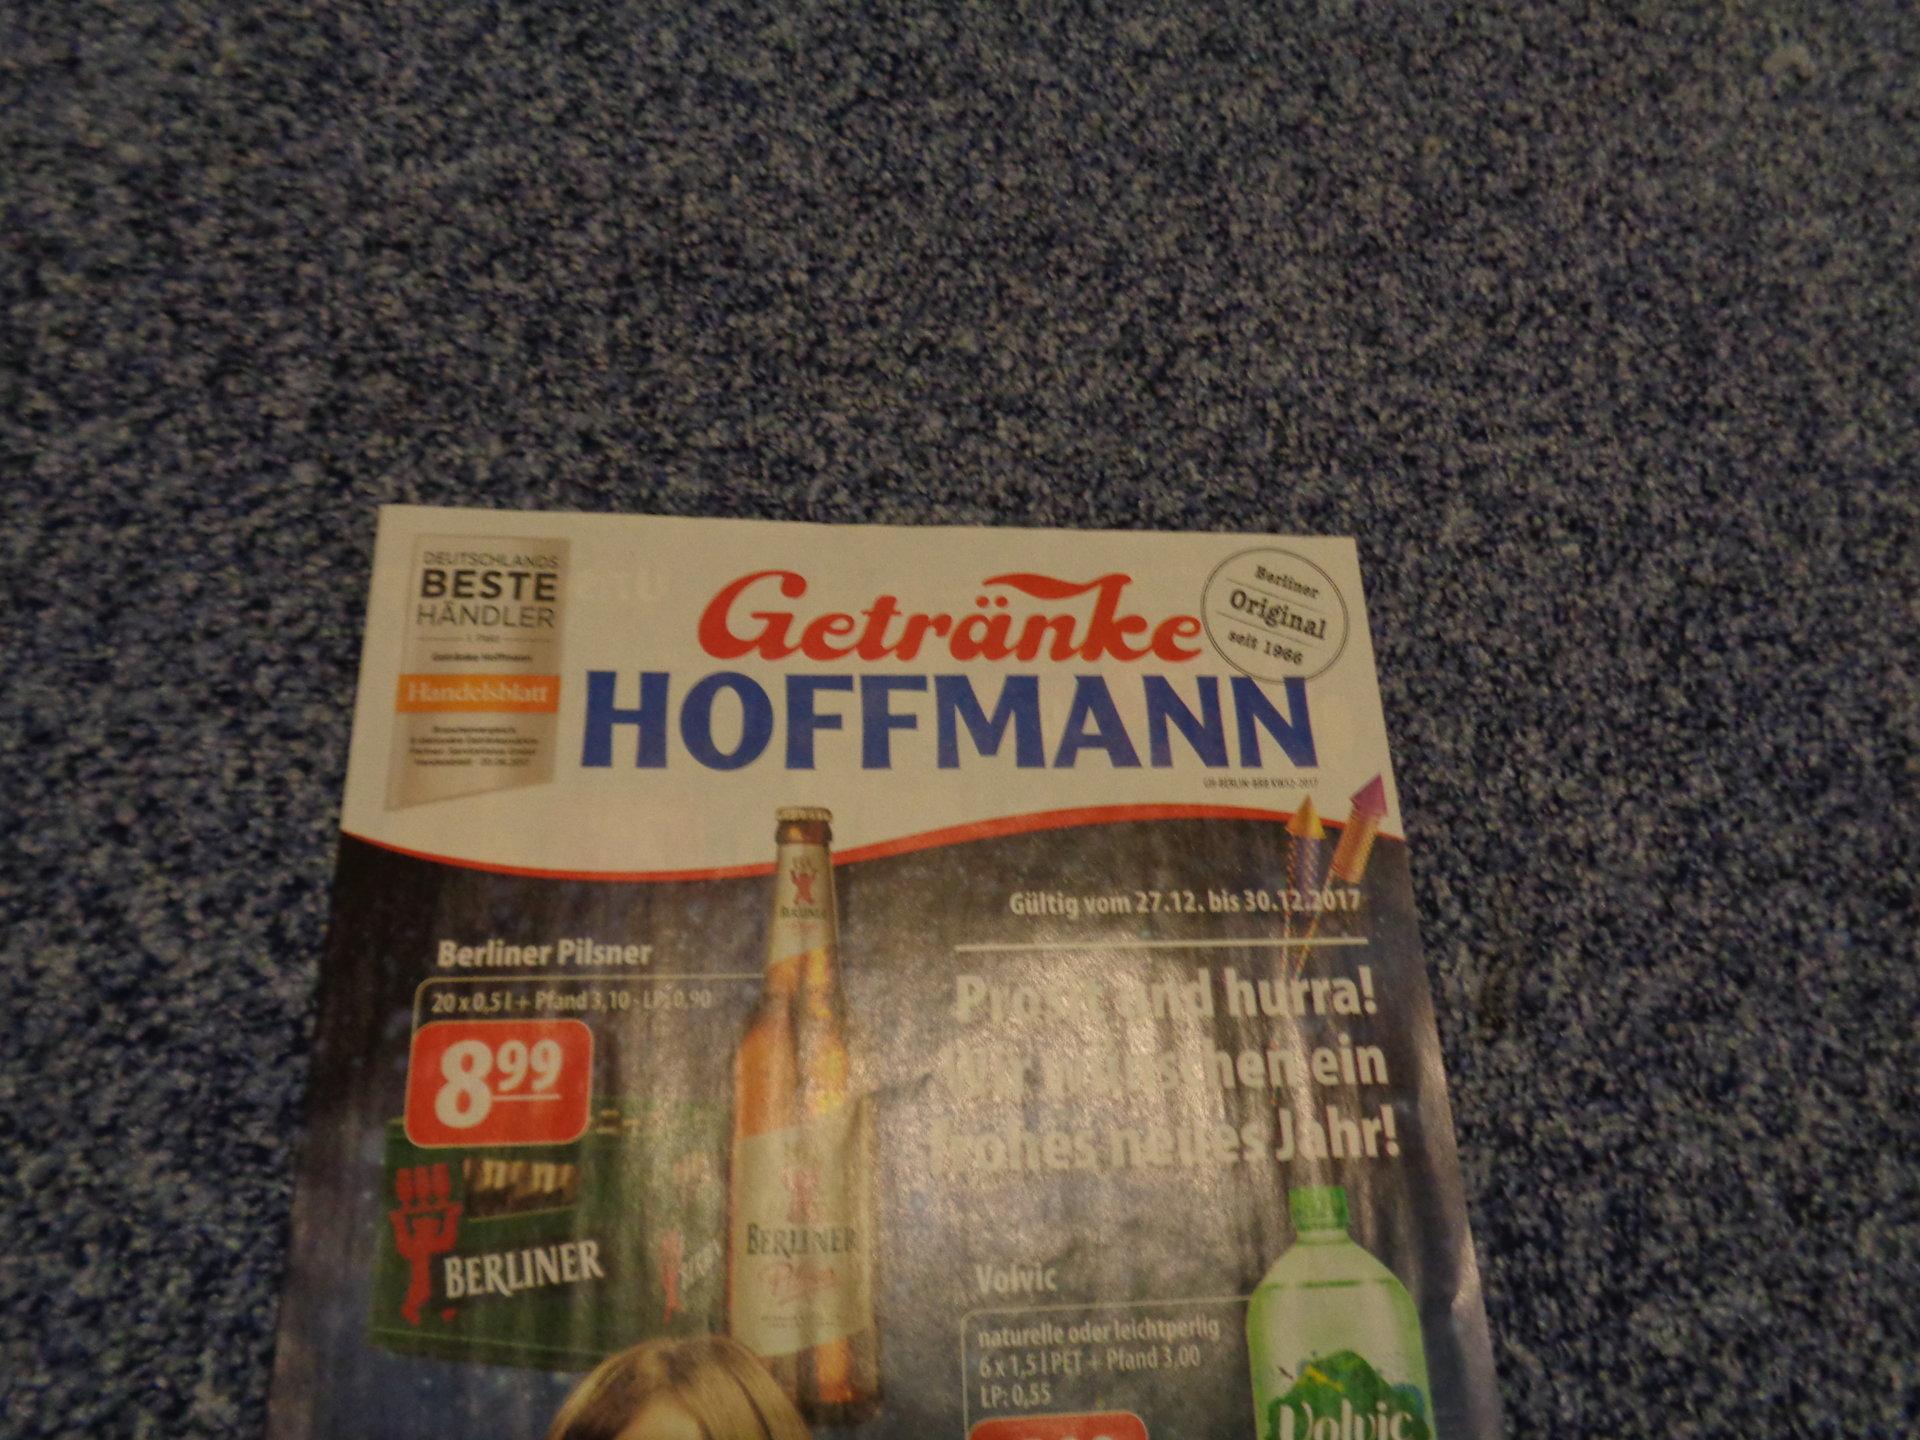 2017 - Getränke Hoffmann Prospekt | FEUERWERK Forum